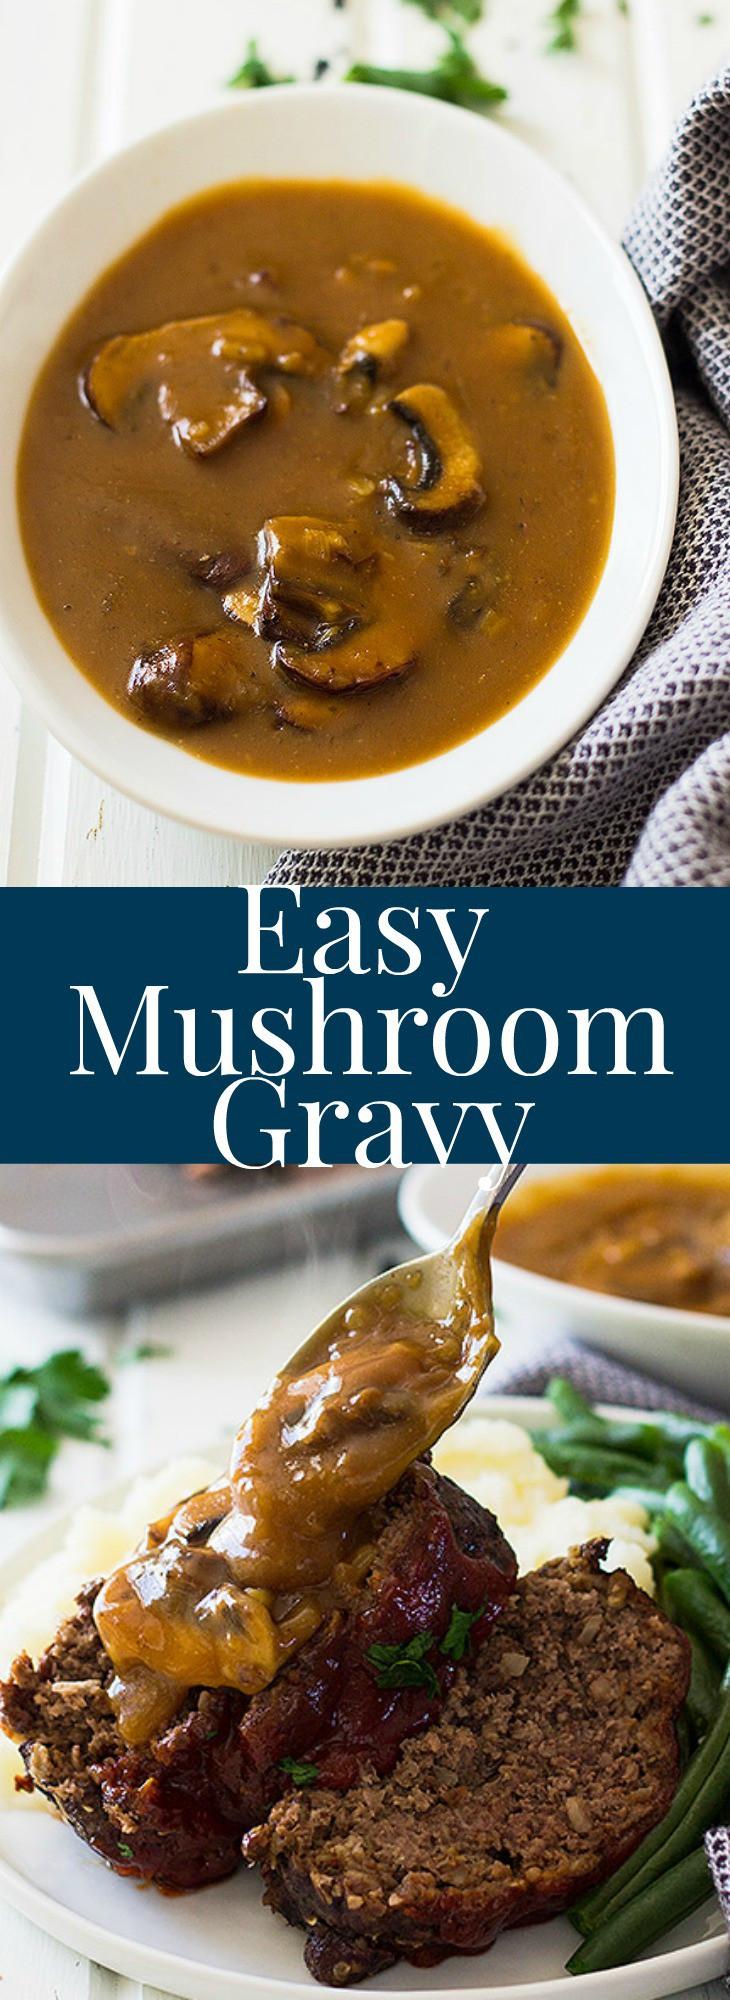 Easy Mushroom Gravy  Easy Mushroom Gravy